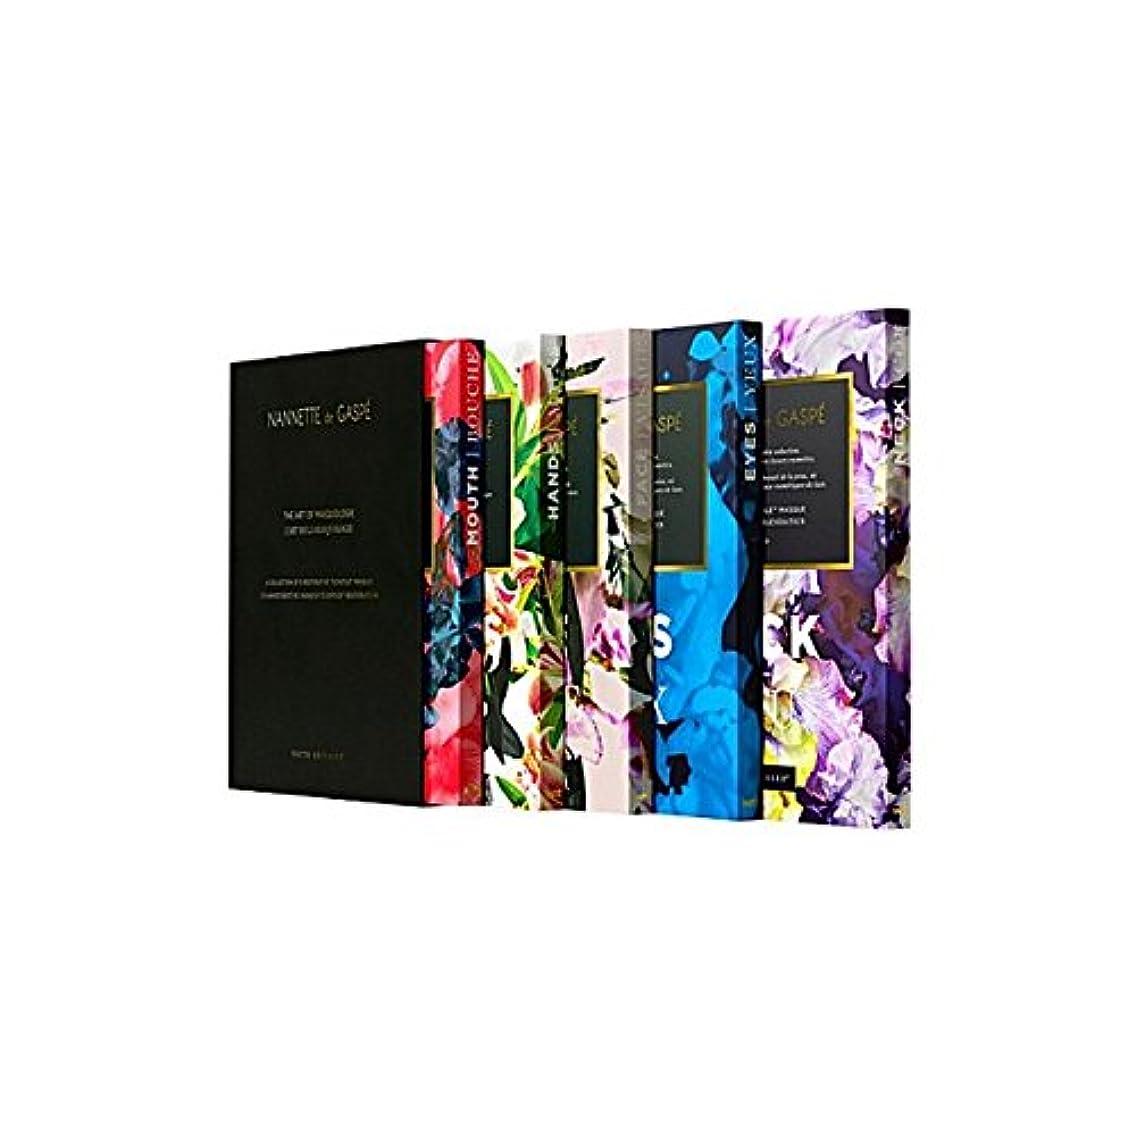 薄める作るペダルNannette De Gaspe Restorative Techstile Masque Coffret (Pack of 6) - デガスペ修復仮面劇コフレ x6 [並行輸入品]